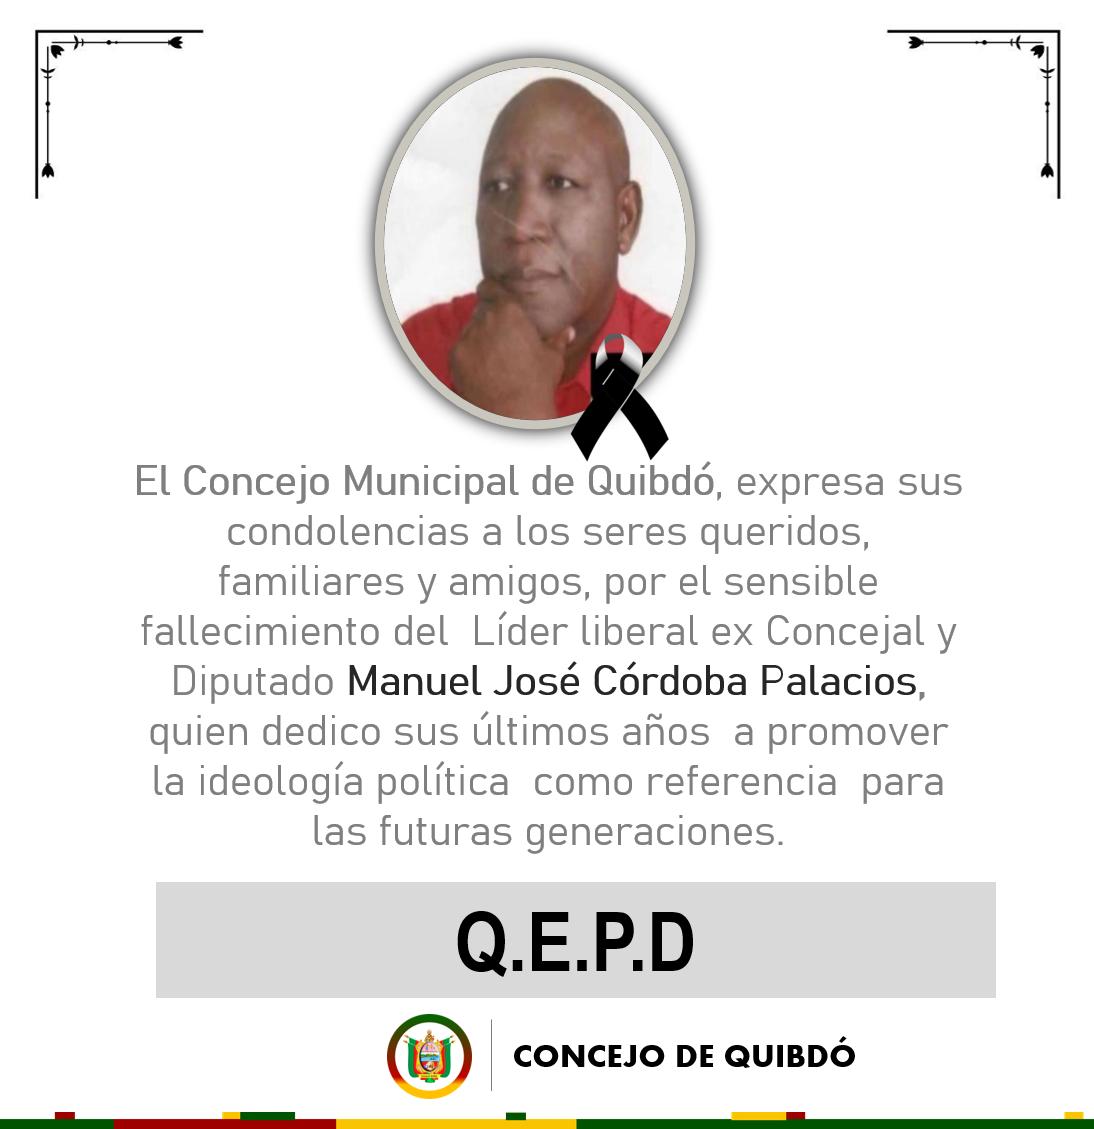 El Concejo Municipal de Quibdó, expresa sus condolencias a los seres queridos,  familiares y amigos, por el sensible fallecimiento del  Líder liberal ex Concejal y  Diputado Manuel José Córdoba Palacios